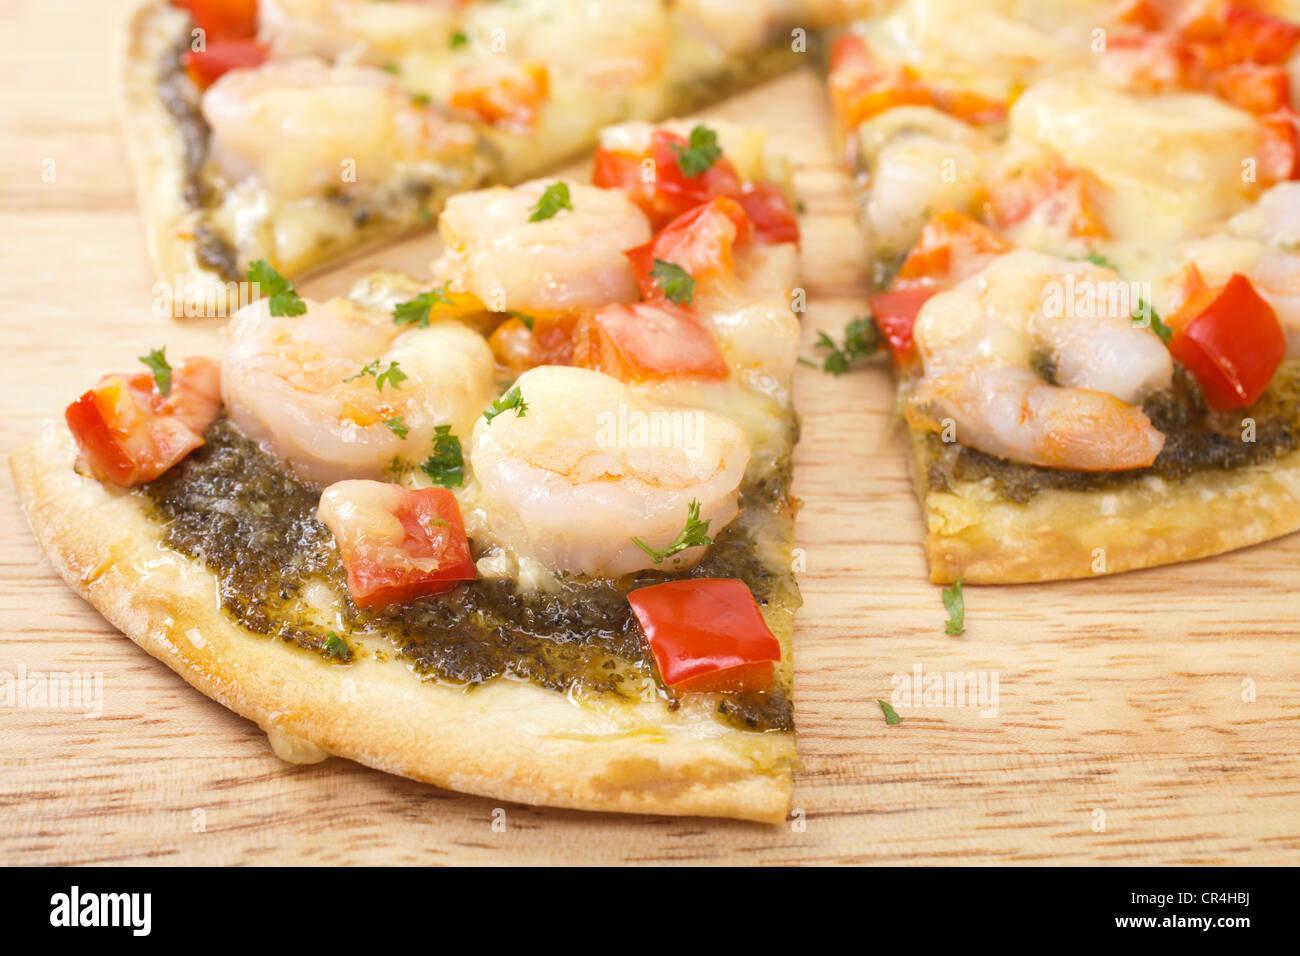 Base crujiente pizza rematada con gambas, pimiento rojo, mozzarella y pesto de albahaca. Imagen De Stock